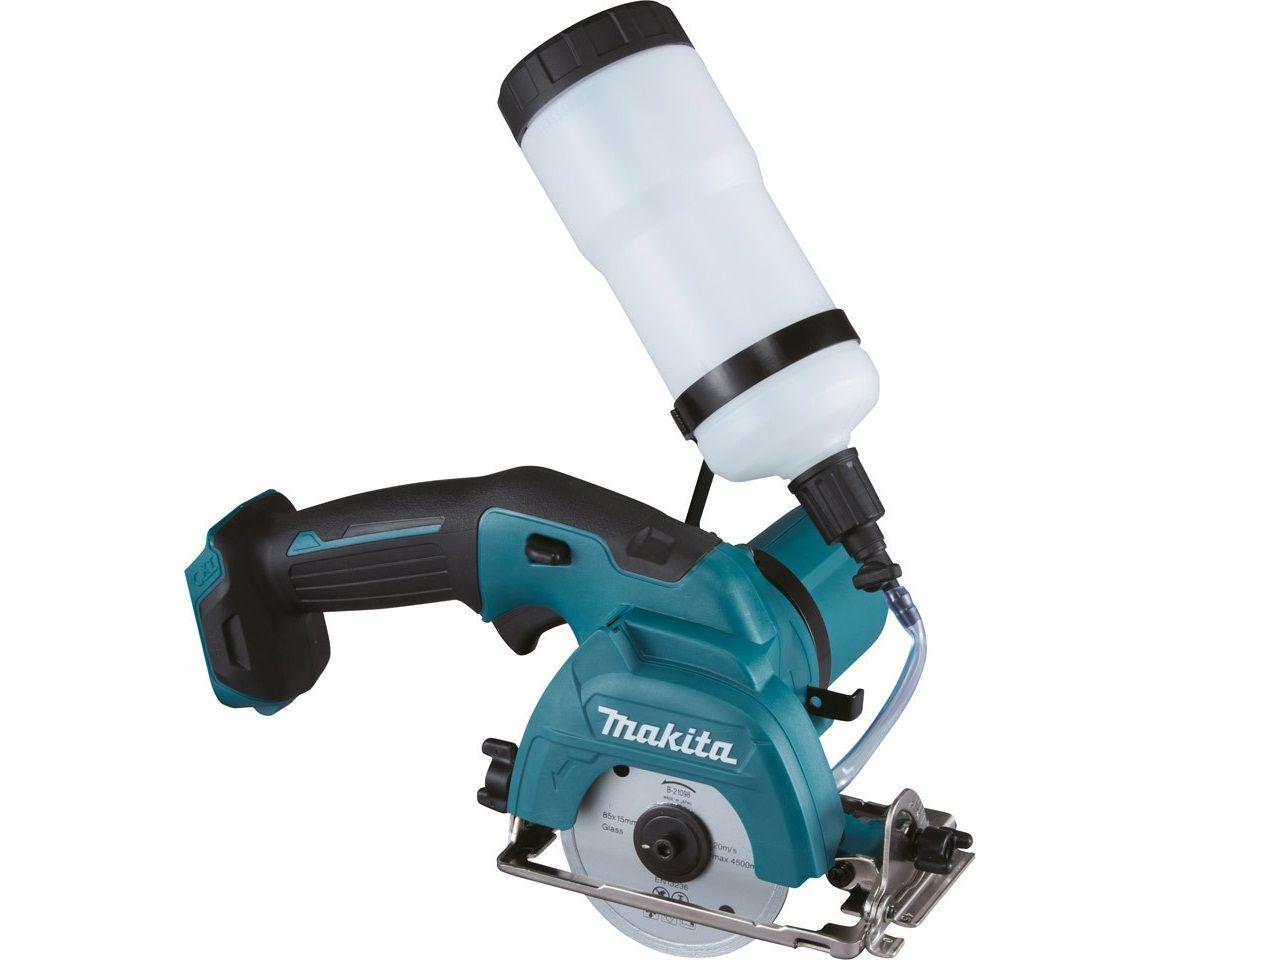 Aku řezačka na dlažbu a sklo Makita CC301DZ - 10.8/12V, 85mm, 1.8kg, bez akumulátoru a nabíječky